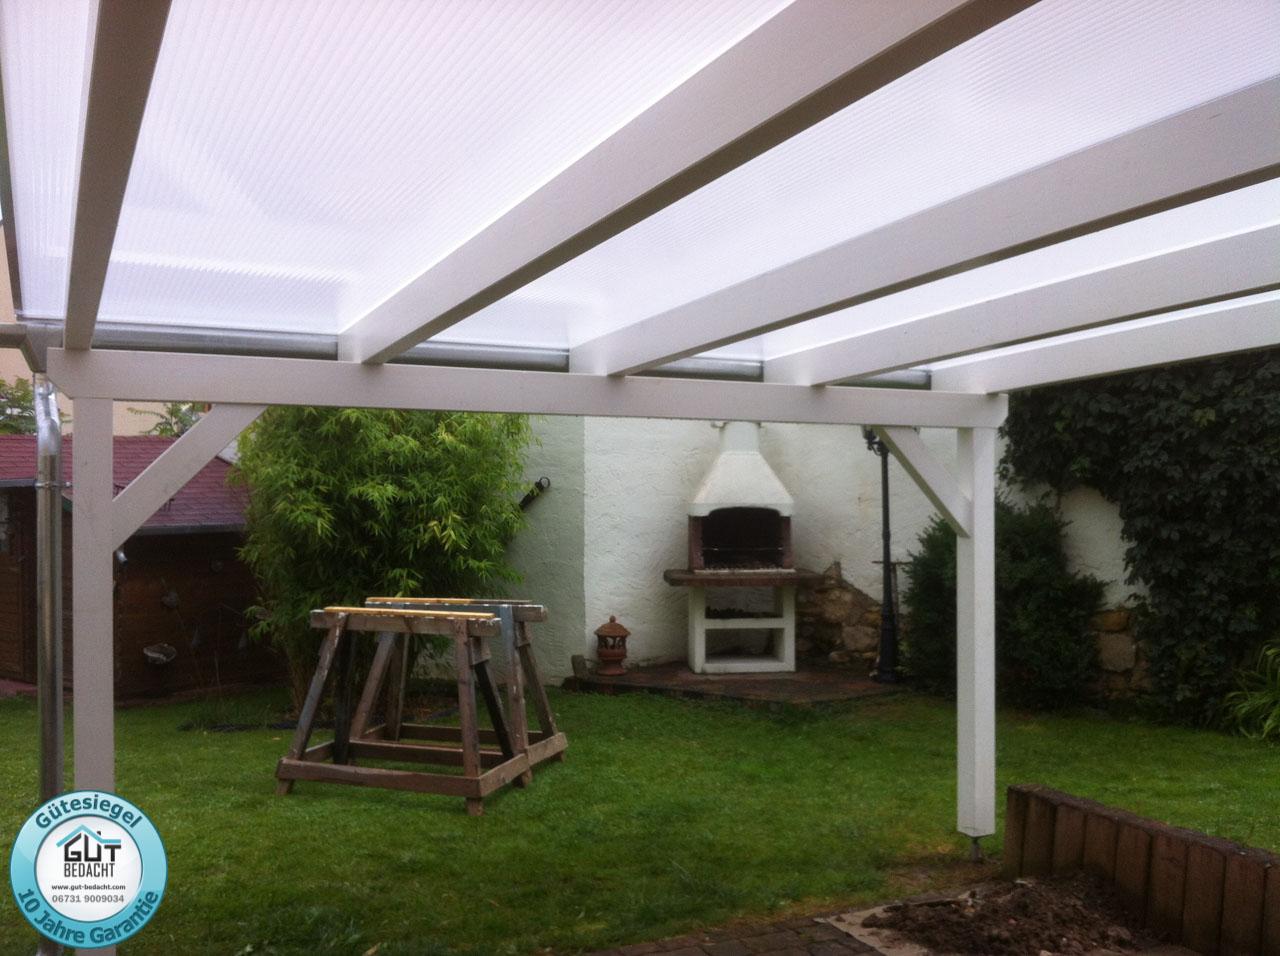 Opal Stegplatten 16 mm Fachwerk als Terrassenüberdachung